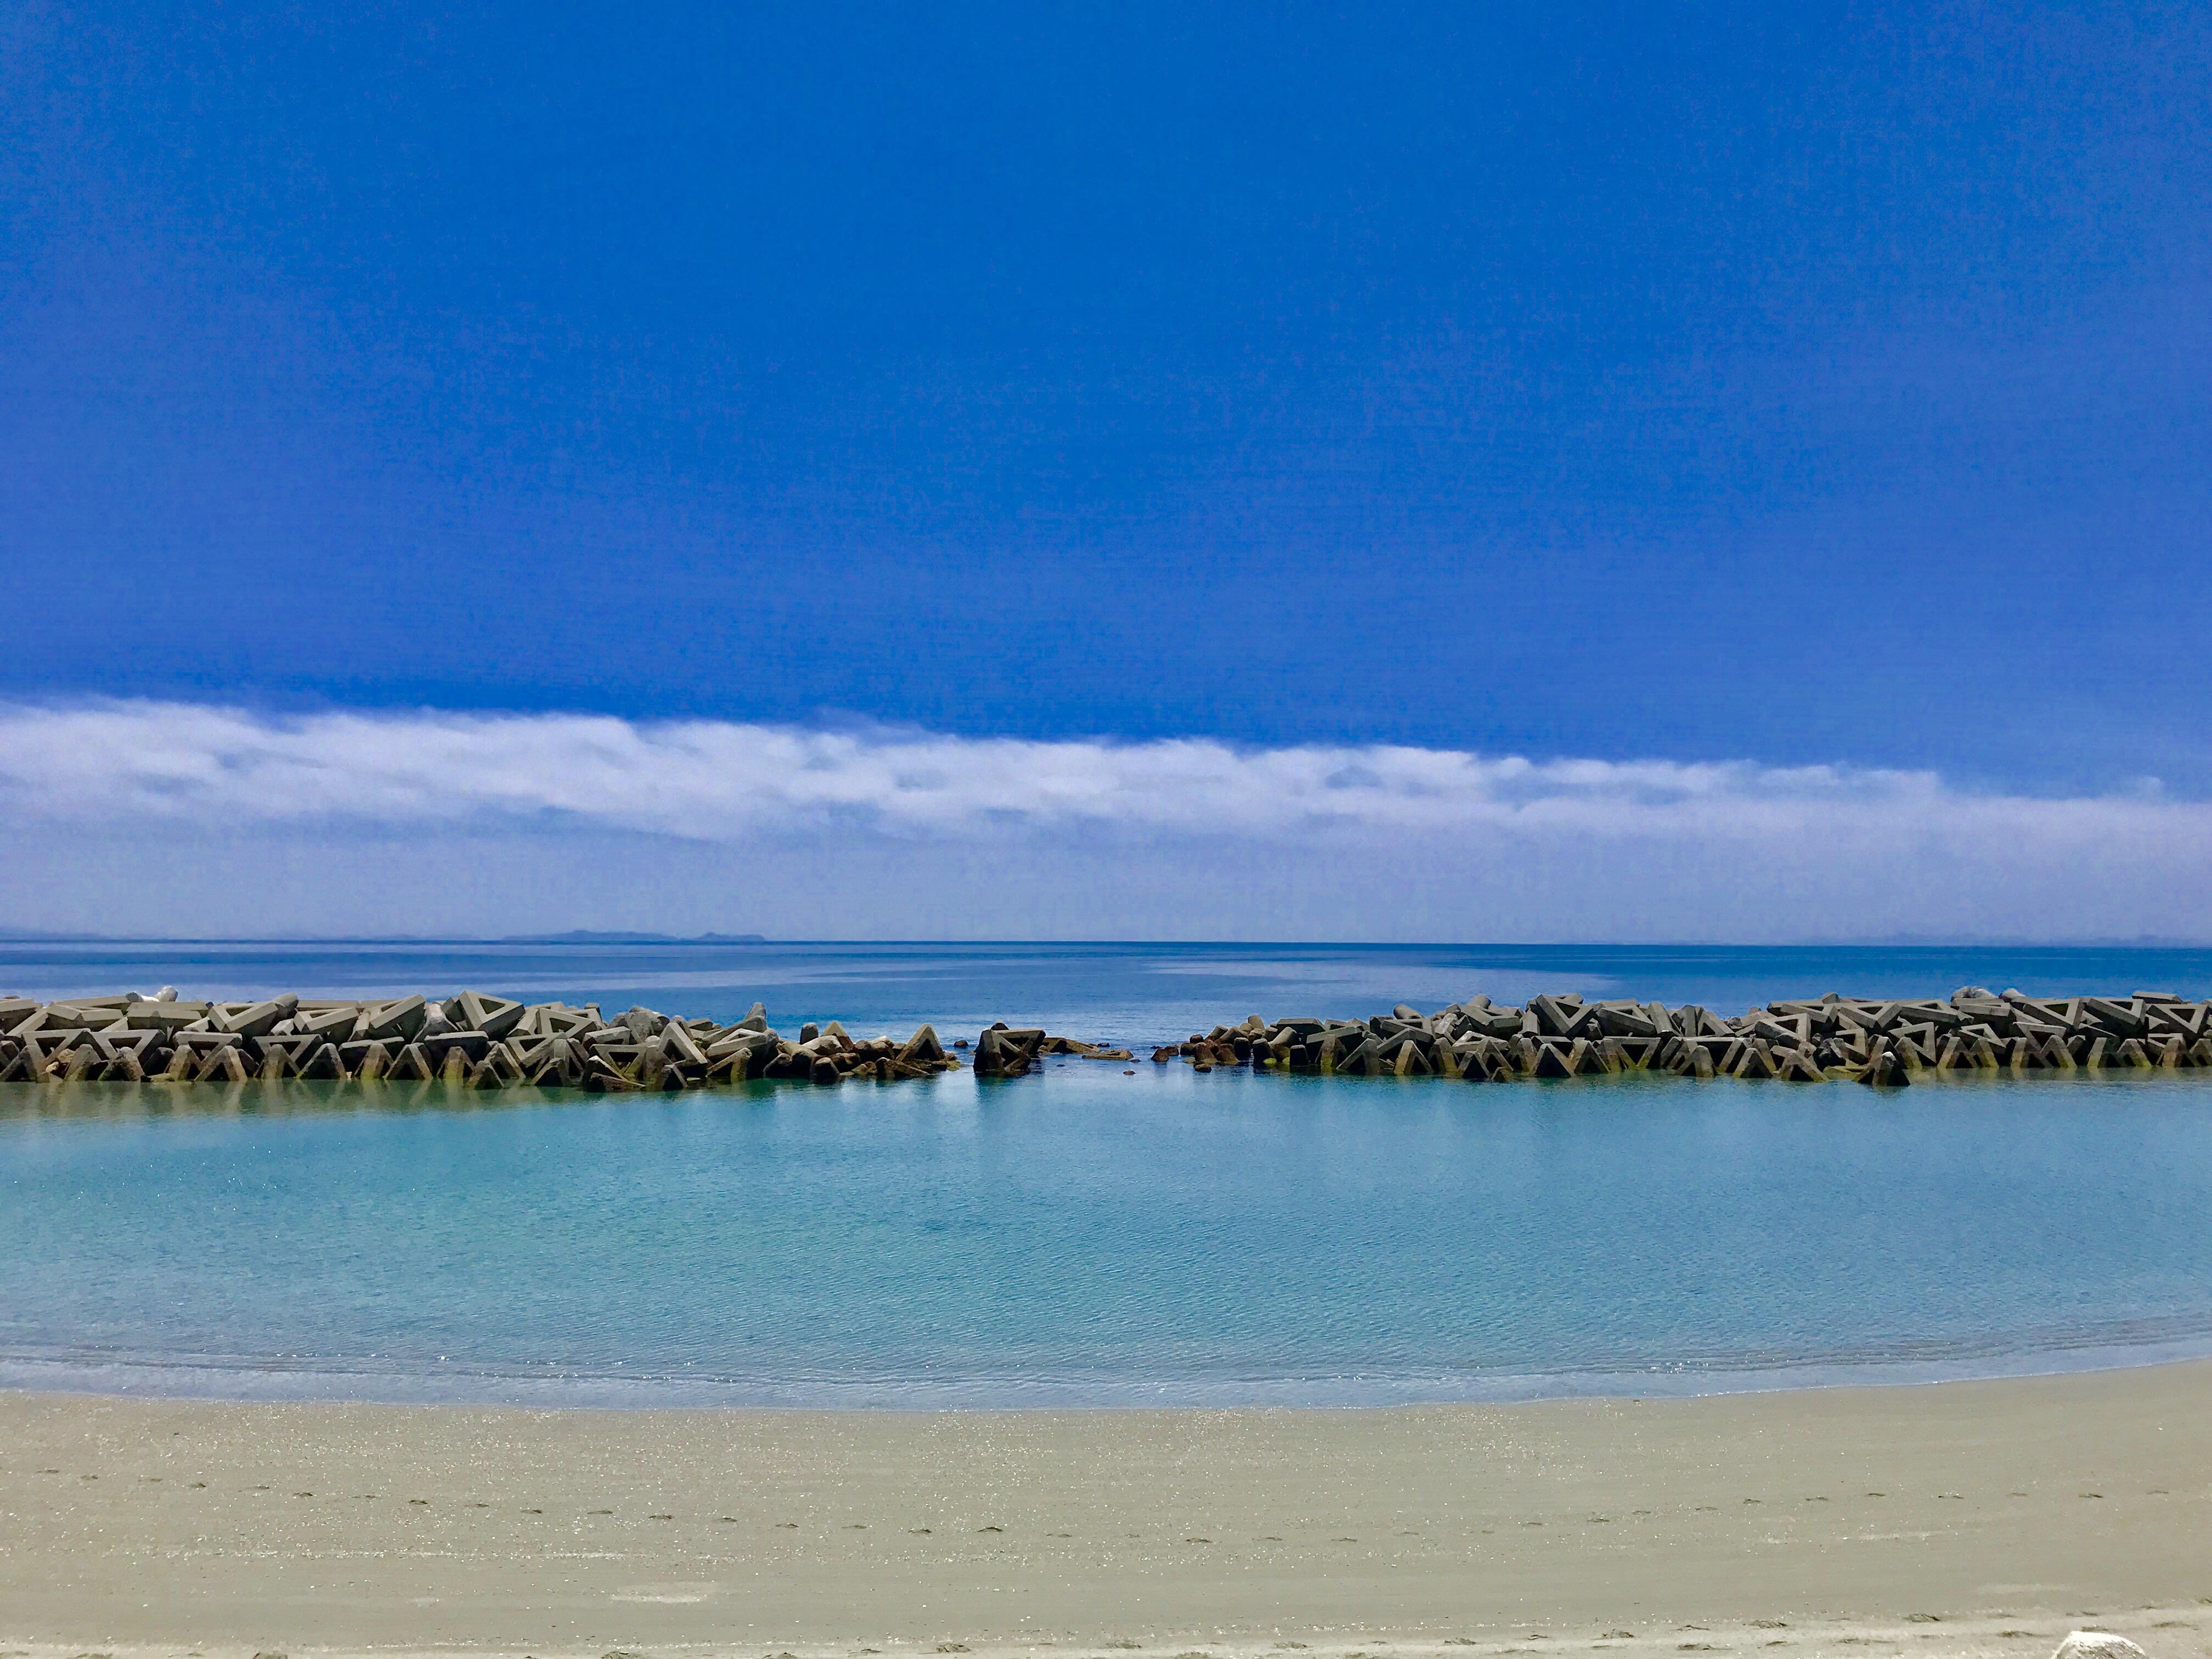 もうすぐ夏本番!散歩も良し、泳ぐも良しの伊方町・大久海水浴場がオススメです!